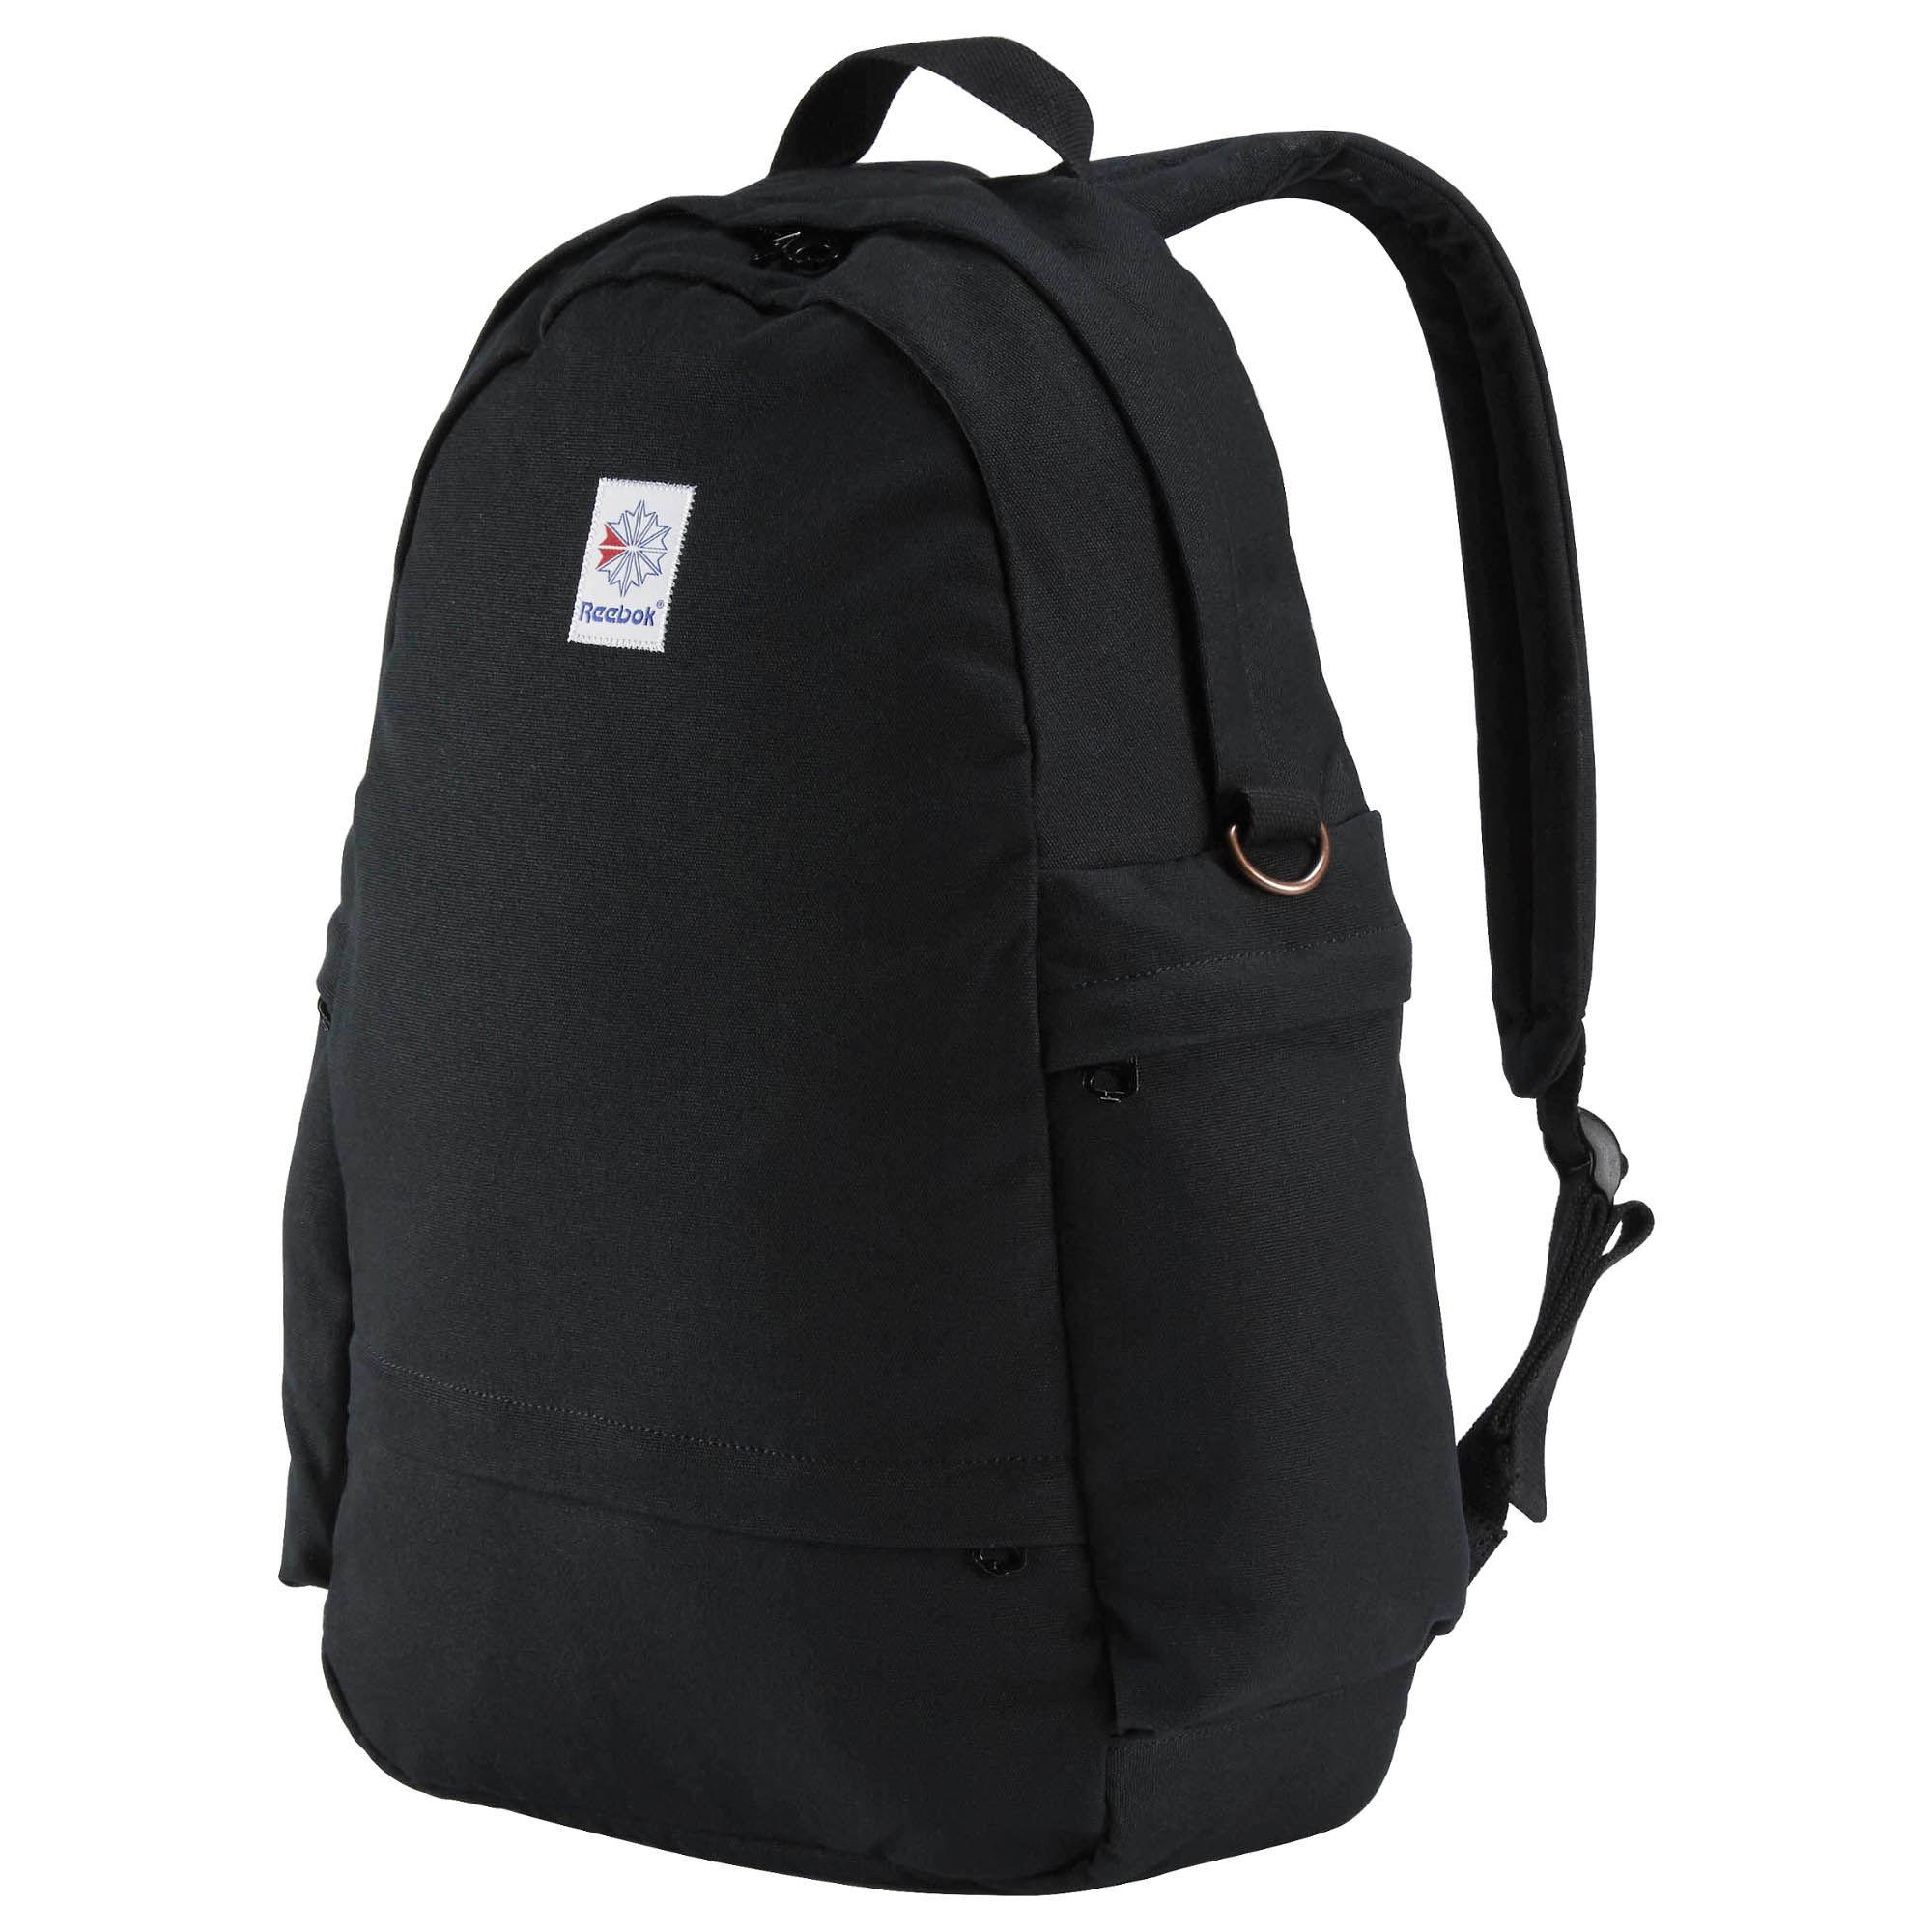 Рюкзак городской Reebok Cl Fo Jwf Backpack, цвет: черныйAX9955Рюкзак Reebok Classics. Этот стильный рюкзак с успехом вместит в себя все необходимое. Отделение для ноутбука поможет всегда быть на связи, просторное основное отделение отлично подходит для хранения одежды и прочих вещей вроде проводов, а мягкие плечевые ремни обеспечивают комфорт.